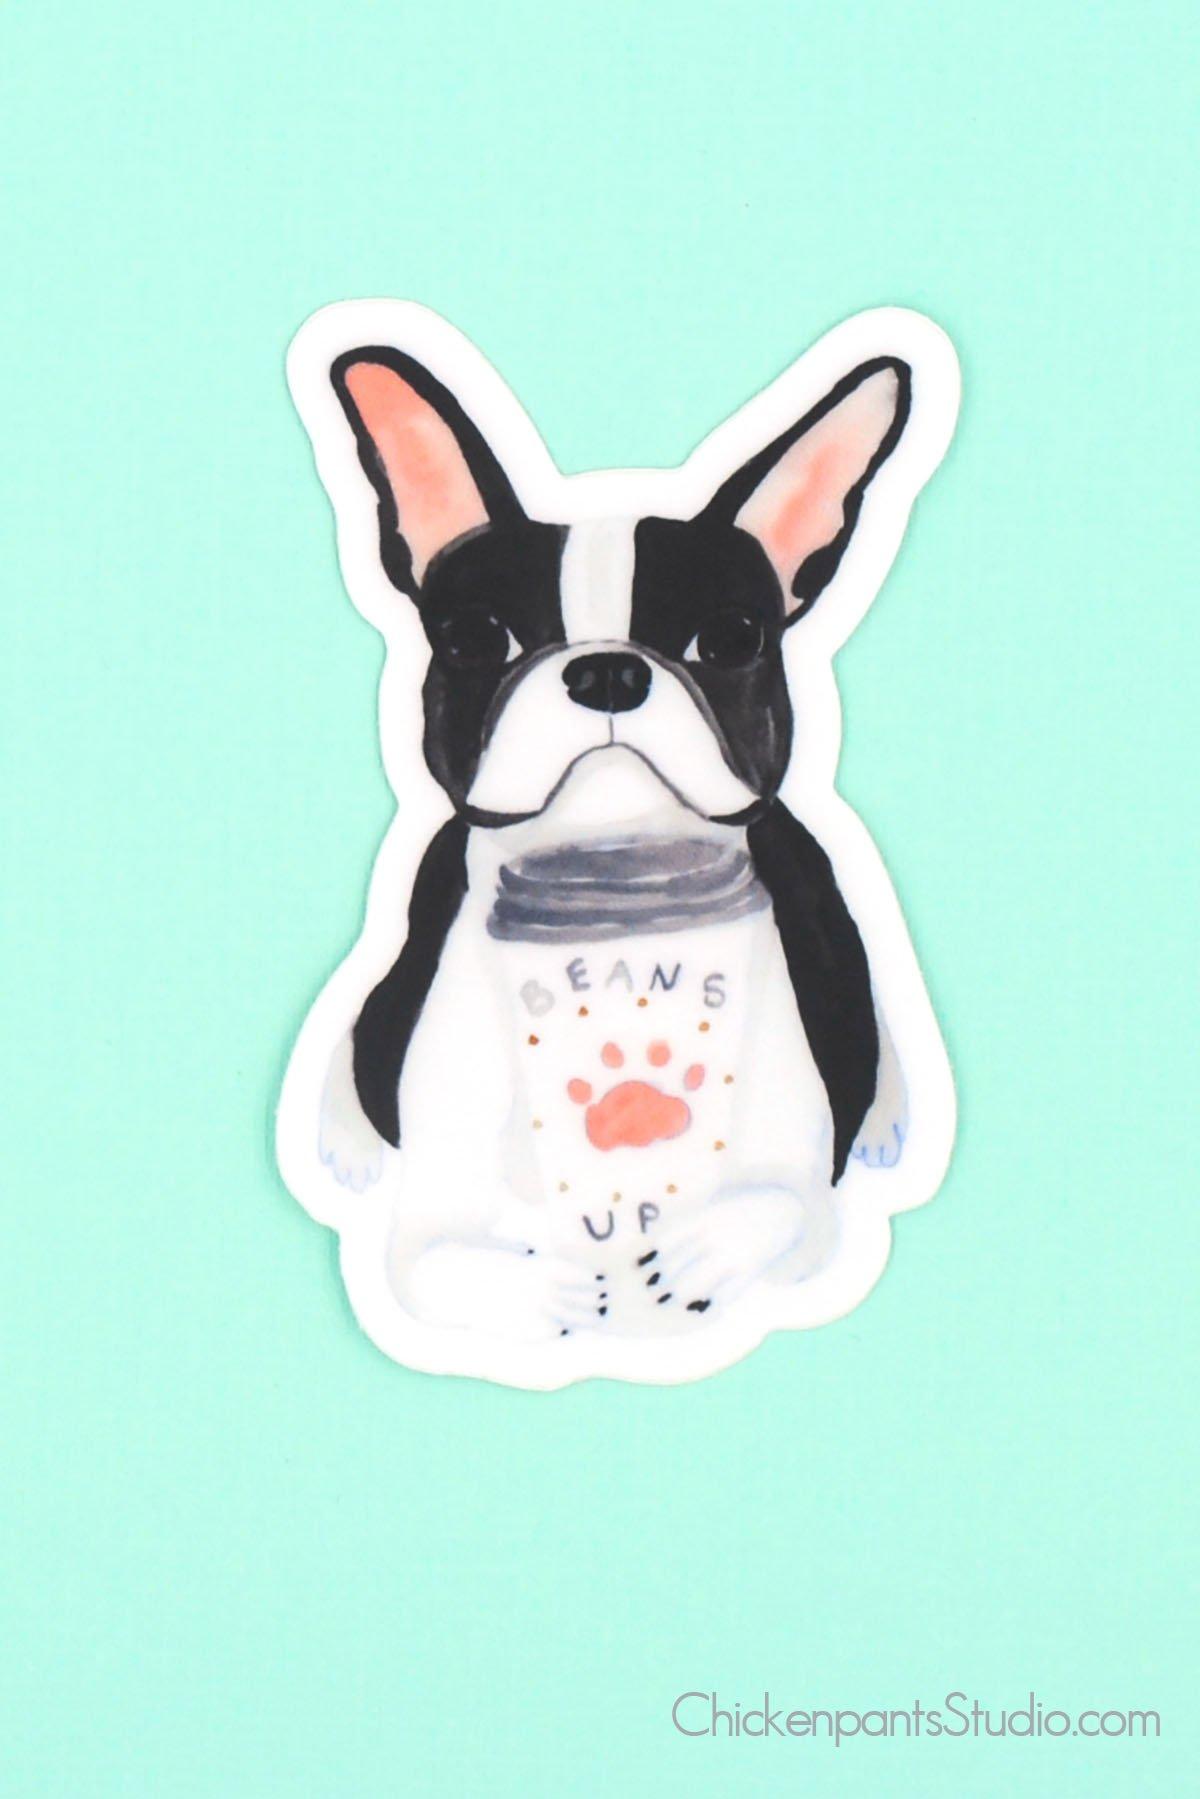 Beans Up Boston Terrier Vinyl Sticker Boston Terrier Puppy Boston Terrier Dog Boston Terrier